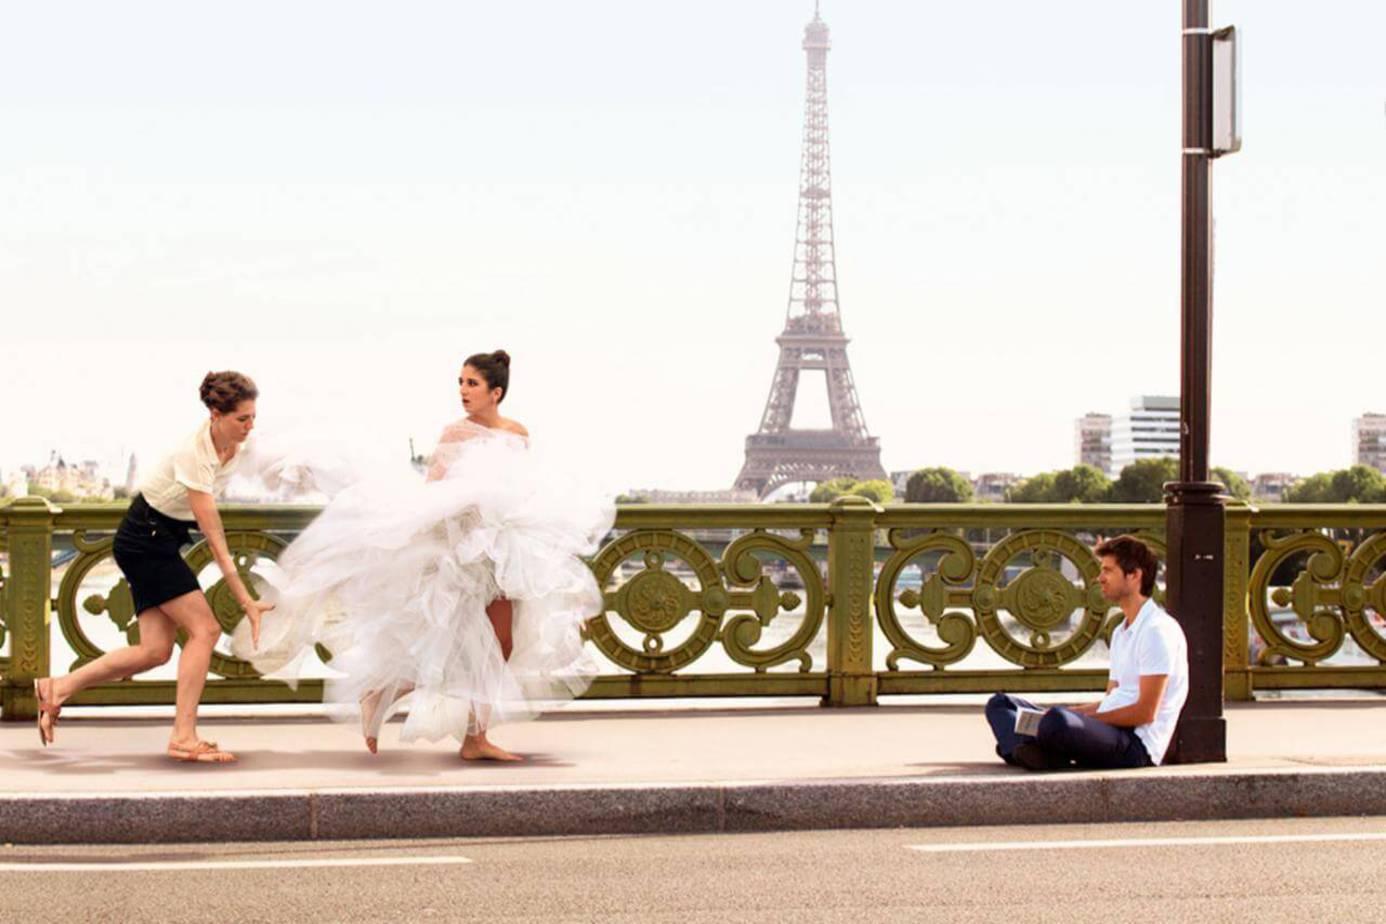 我們去巴黎離婚吧